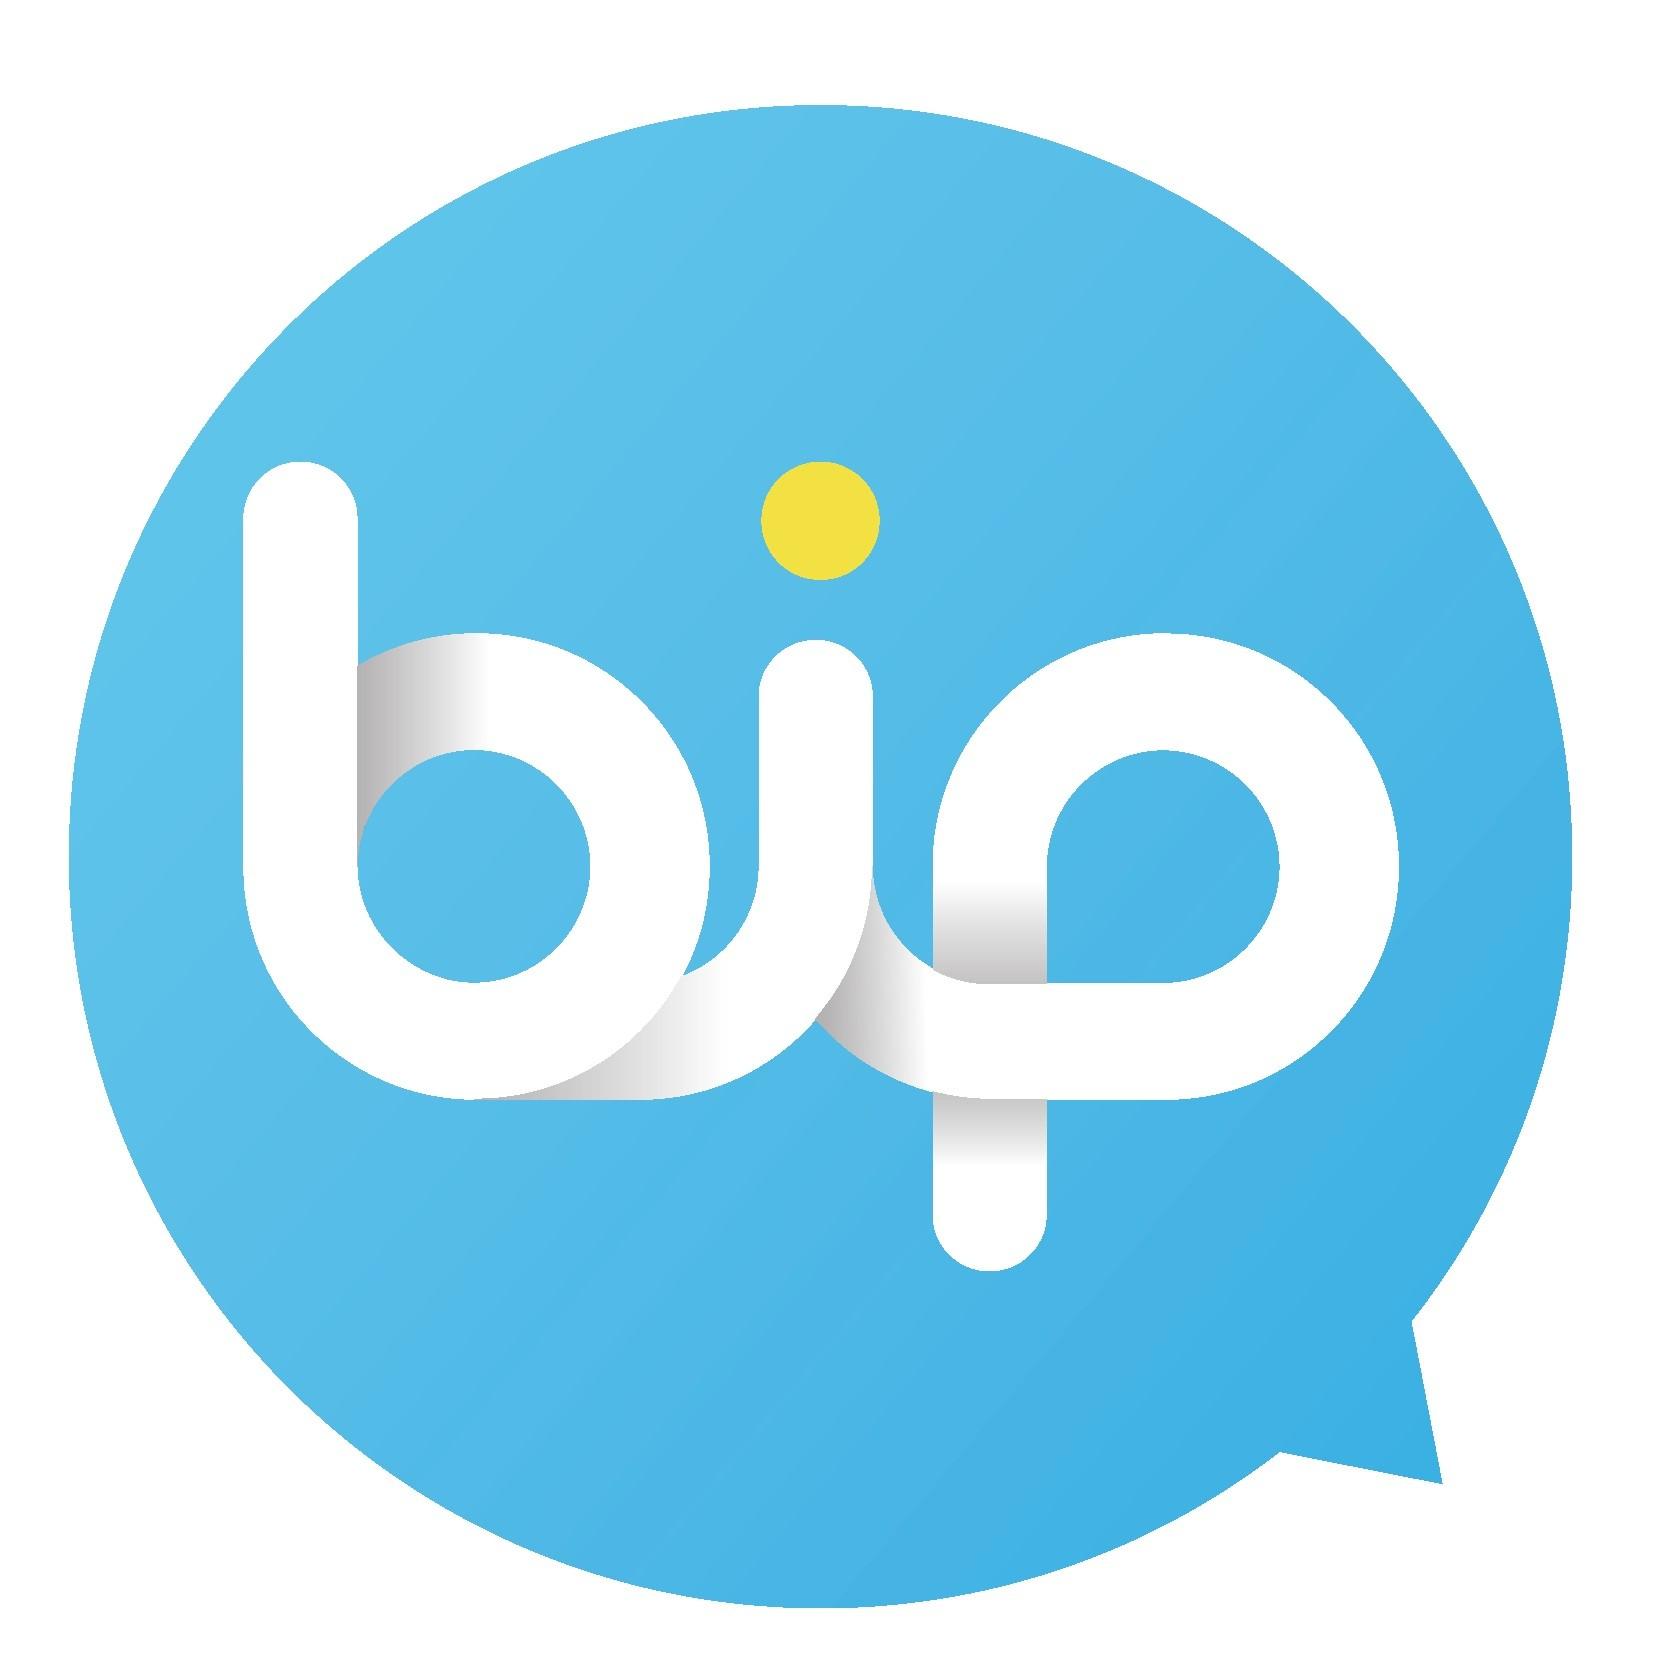 <p>Türk mühendislerinin geliştirdiği her şeyiyle Türkiye'nin uygulaması BiP son 24 saatte 1 milyon 124 bin yeni kullanıcı kazandı.</p> <p></p> <p>Tüm operatör kullanıcılarına açık iletişim ve yaşam platformu BiP'in kullanıcı sayısı son 24 saat içerisinde 1 milyon 124 bin kişi daha arttı. Turkcell'den yapılan açıklamaya göre, dünyanın 192 ülkesinde tercih edilen BiP'teki tüm verilerin yüksek güvenlikli şifreleme ile Türkiye'deki Turkcell veri merkezlerinde korunduğu bildirildi.</p> <p></p> <p><strong>Birçok yenilik getirildi</strong></p> <p></p> <p>Dünyanın içinde bulunduğu durumdan dolayı uygulamada birçok yenilik devreye alındı. Uygulama, Acil Durum özelliği ile kullanıcılarının acil durumlarda sonra durum bilgilerini ve konumlarını tek tuşla hem BiP mesajı hem de SMS ile paylaşmalarını sağlıyor. Çeviri özelliği ise anlık mesajlaşma sırasında 106 farklı dilde sohbet etmeyi sağlıyor. Keşfet bölümünde yer alan çeşitli kanallar ile kullanıcılarına bilgilendirici ve eğlenceli içerikler sunan BiP, Sağlık Bakanlığı ile iş birliği yaparak Koronavirüs Bilgilendirme ve Danışma Kanalı da açtı. Operatör ayrımı olmadan BiP kullanıcıları bu kanal üzerinden koronavirüs testi yapabiliyor ve gerekli durumlarda ALO 184 Sağlık Bakanlığı İletişim Merkezi Danışma Hattı'na ücretsiz ulaşabiliyor.</p>